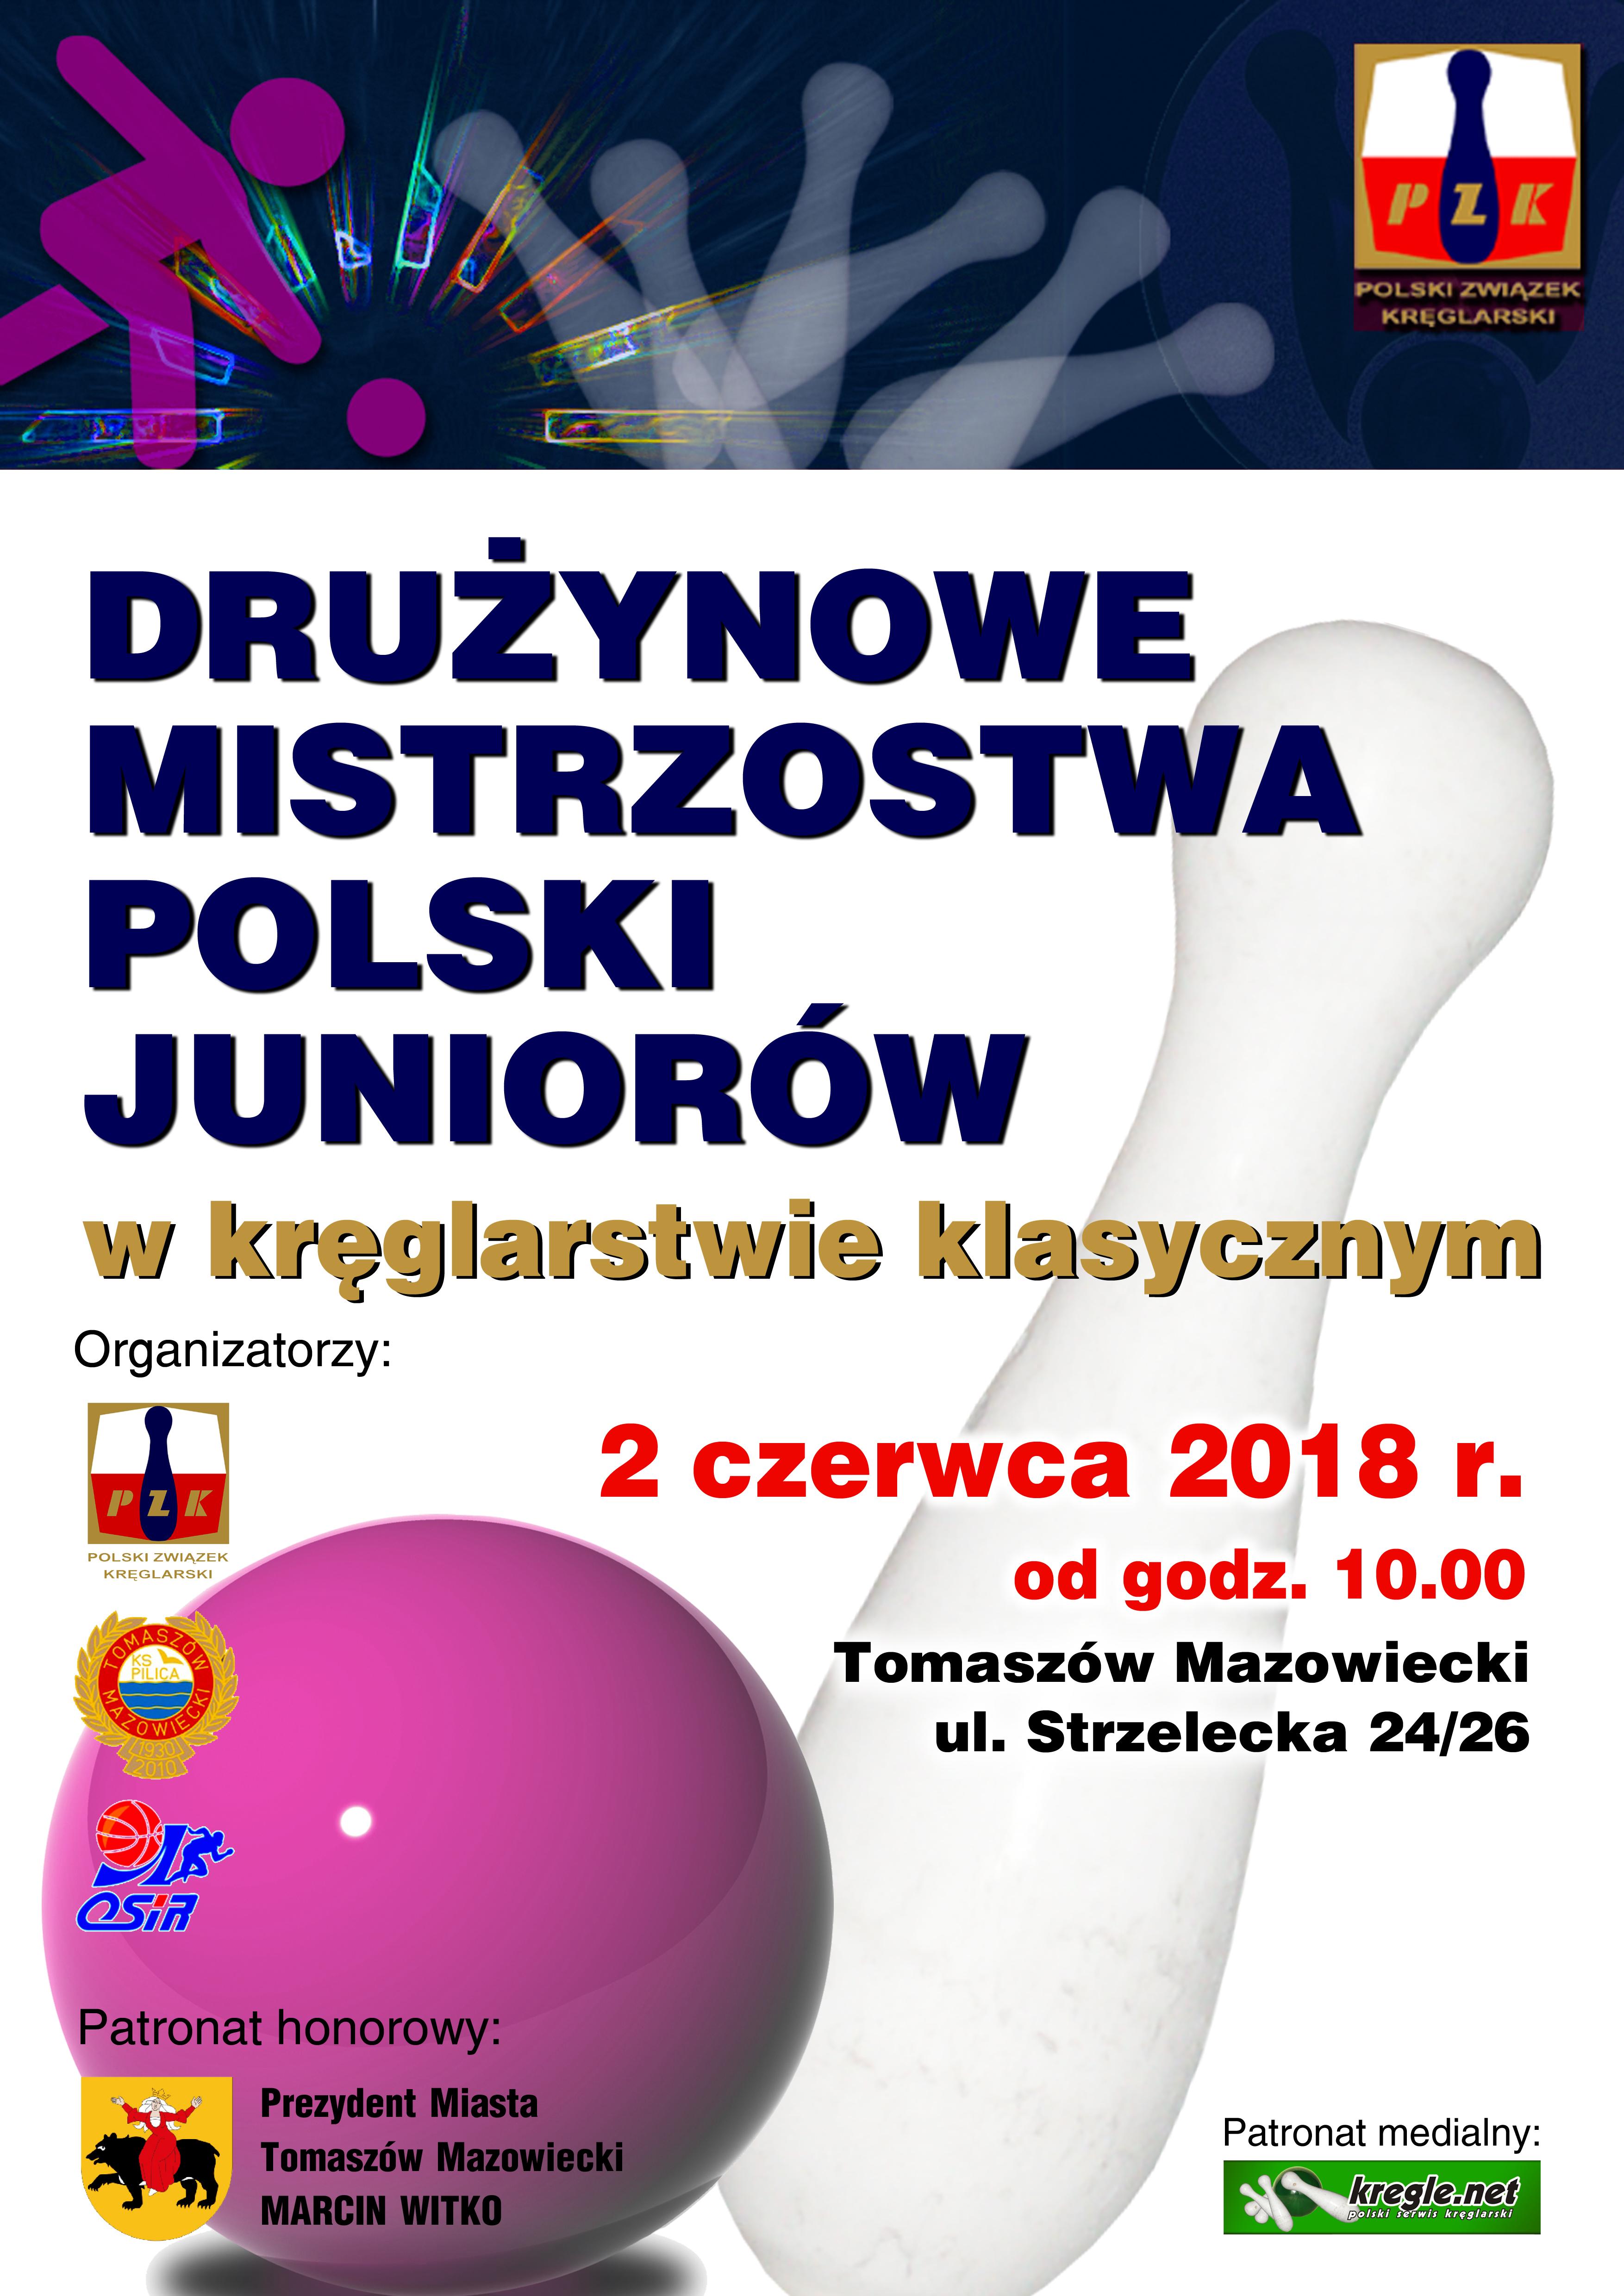 plakat mistrzostw w kręglarstwie klasycznym czerwiec 2018